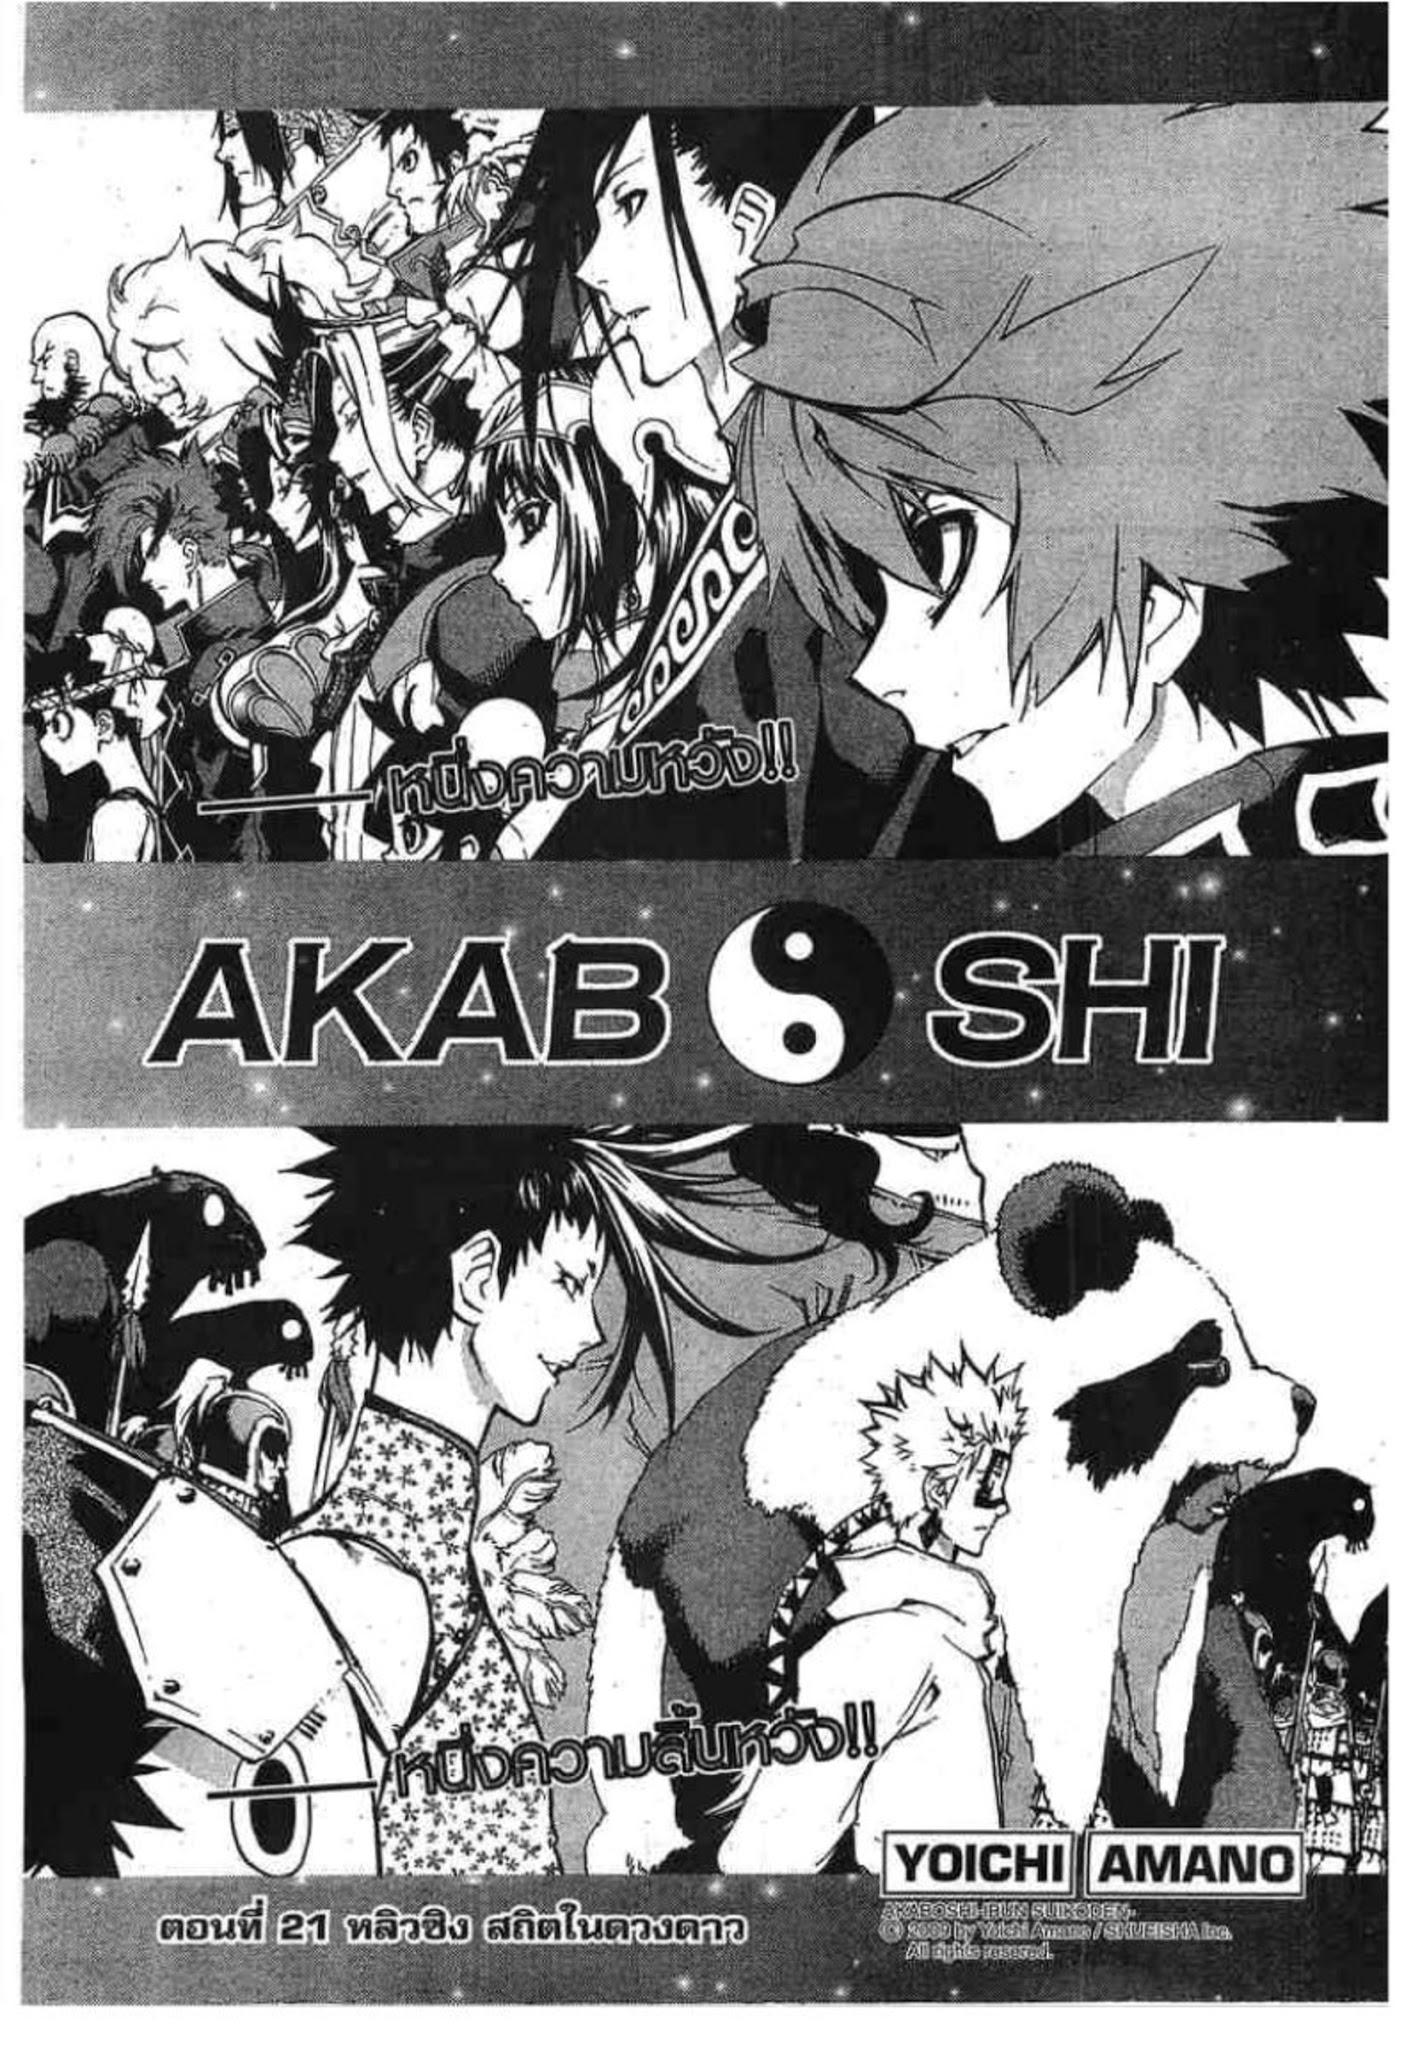 Akaboshi: Ibun Suikoden-ตอน 21